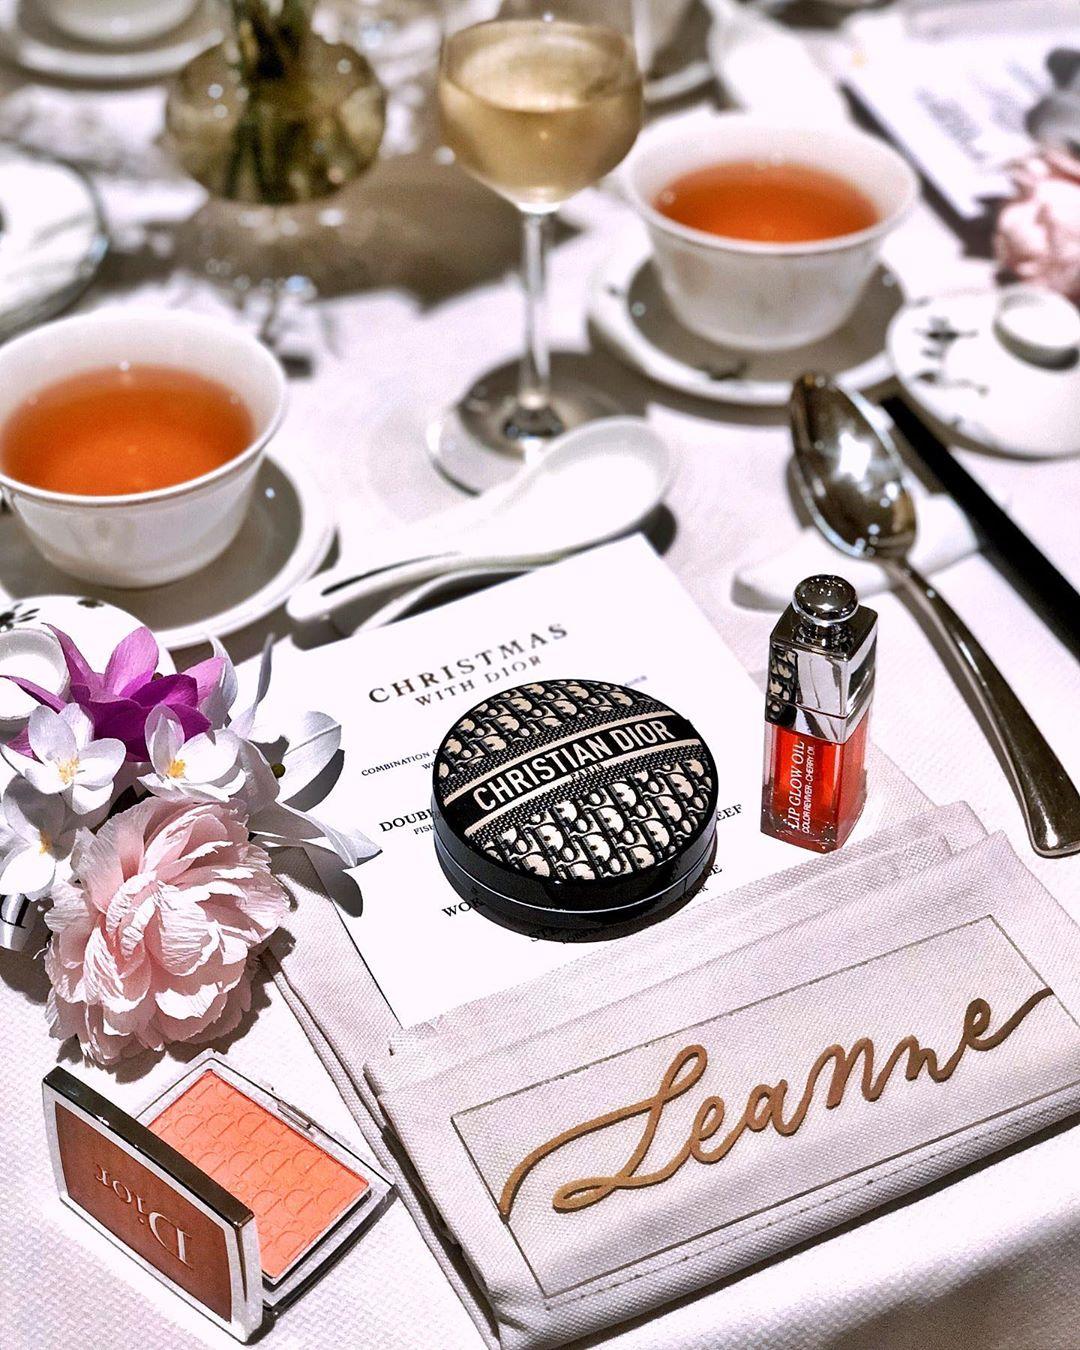 [預購]Dior迪奧超完美柔霧光氣墊粉餅-經典緹花版 SPF35 PA+++多色可選 【SP嚴選家】 6